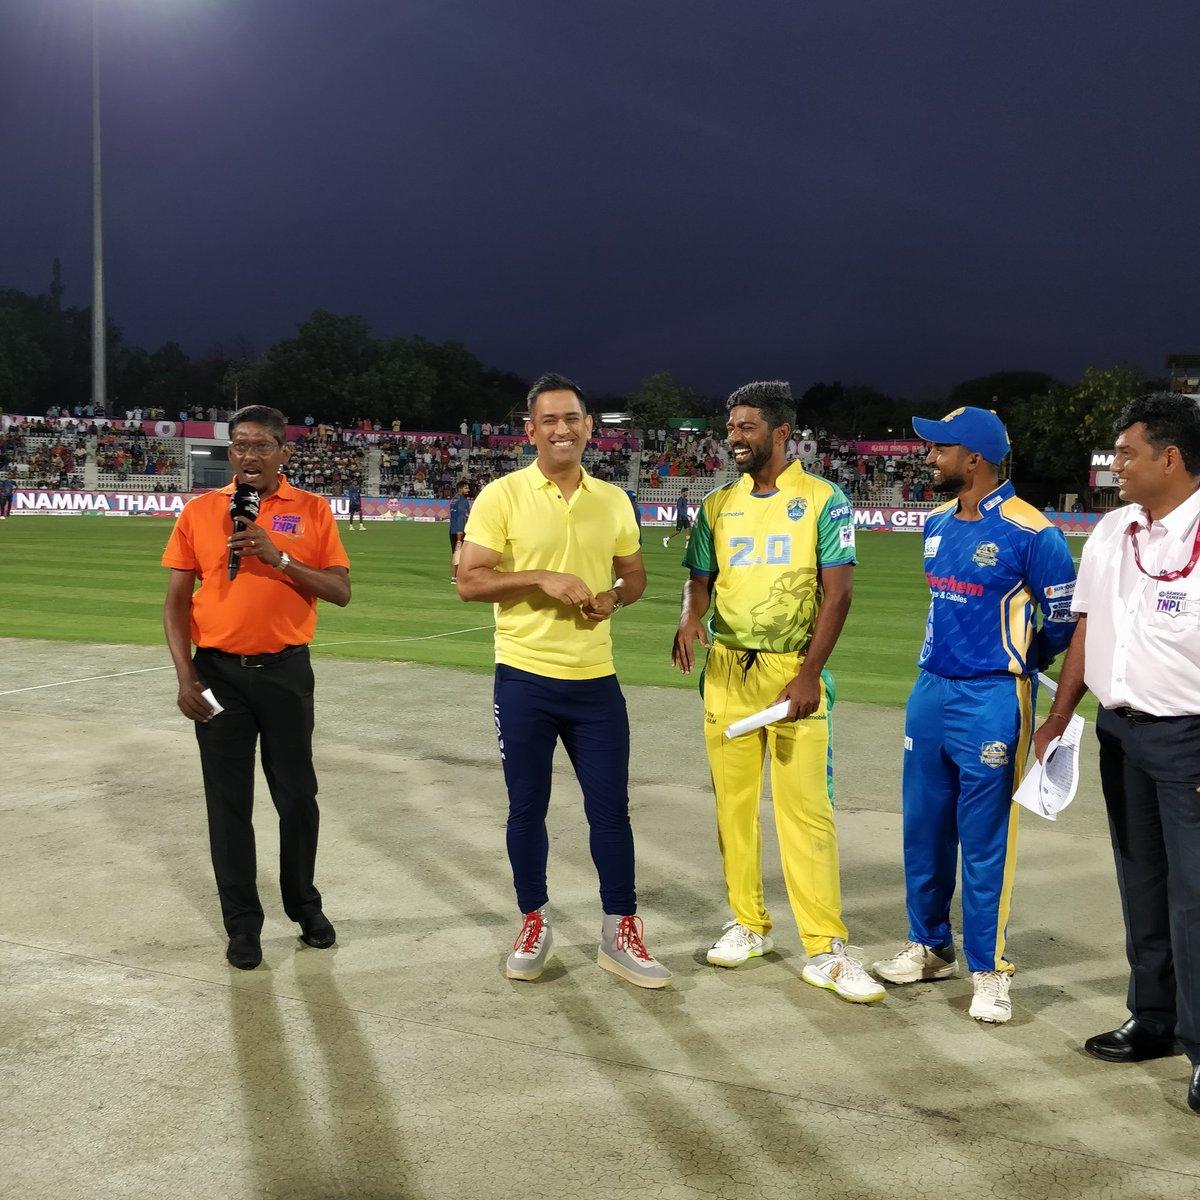 TNPL में नजर आये पूर्व भारतीय कप्तान महेंद्र सिंह धोनी, प्रसंशको ने ख़ास अंदाज में किया स्वागत 21